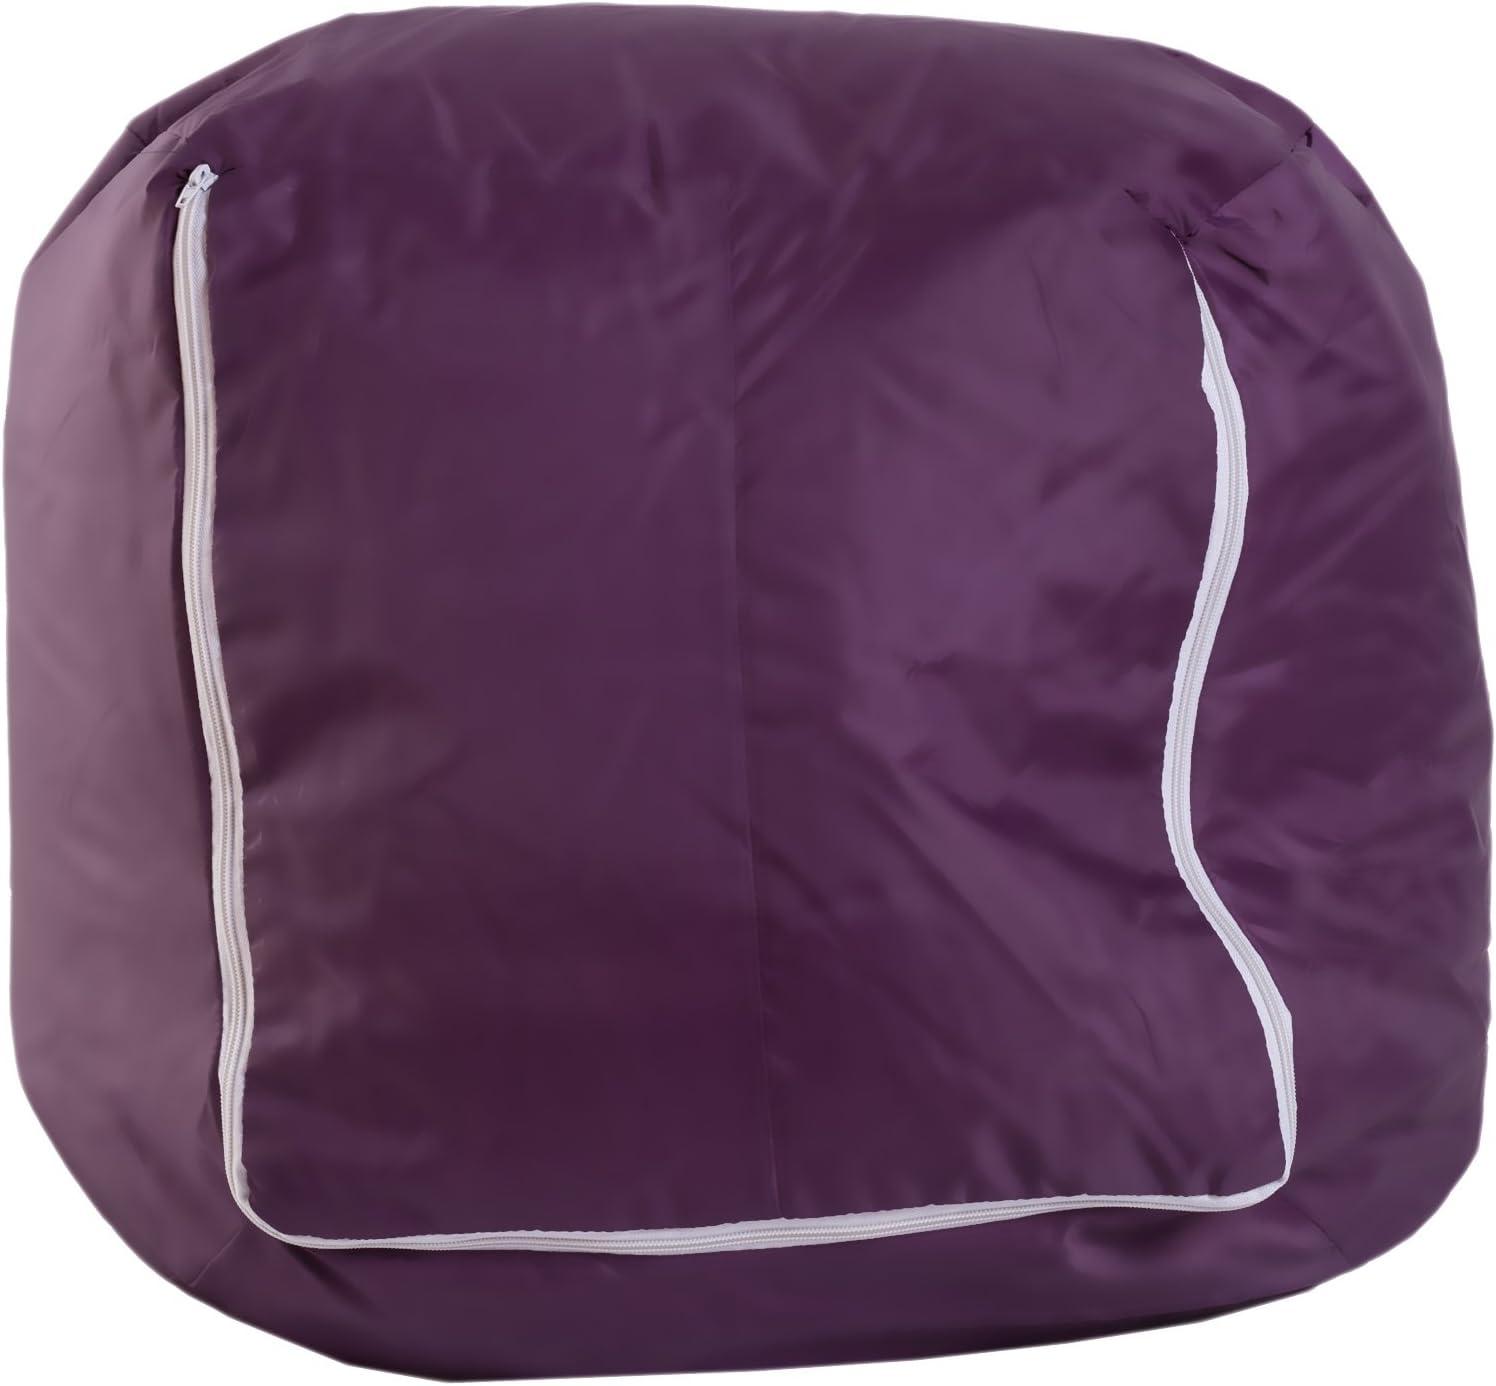 Mobili Rebecca® Puff de Pera Sillon Grande Silla Asiento Violeta ...